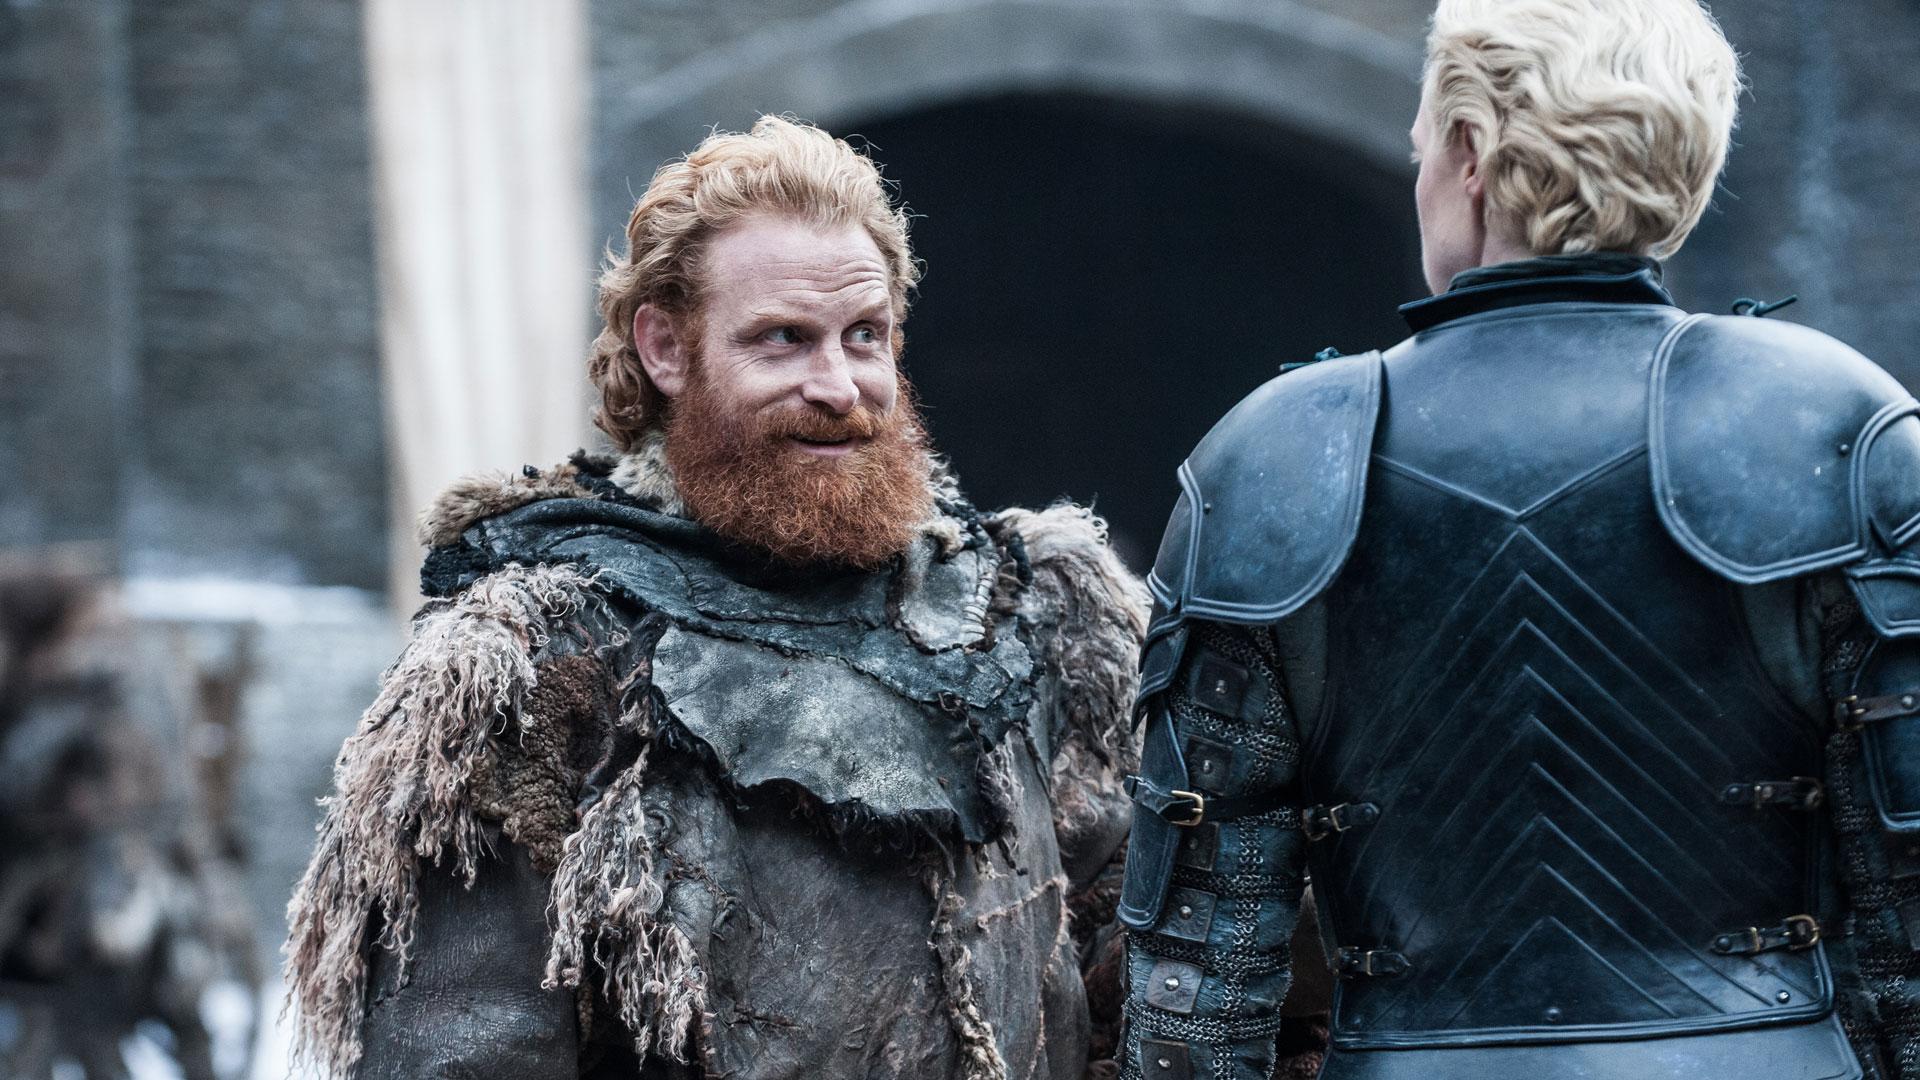 Tormund Giantsbane (Kristofer Hivju) har fremdeles et godt øye til Brienne of Tarth (Gwendoline Christie). Vi heier selvsagt på Briemund! (Foto: HBO)